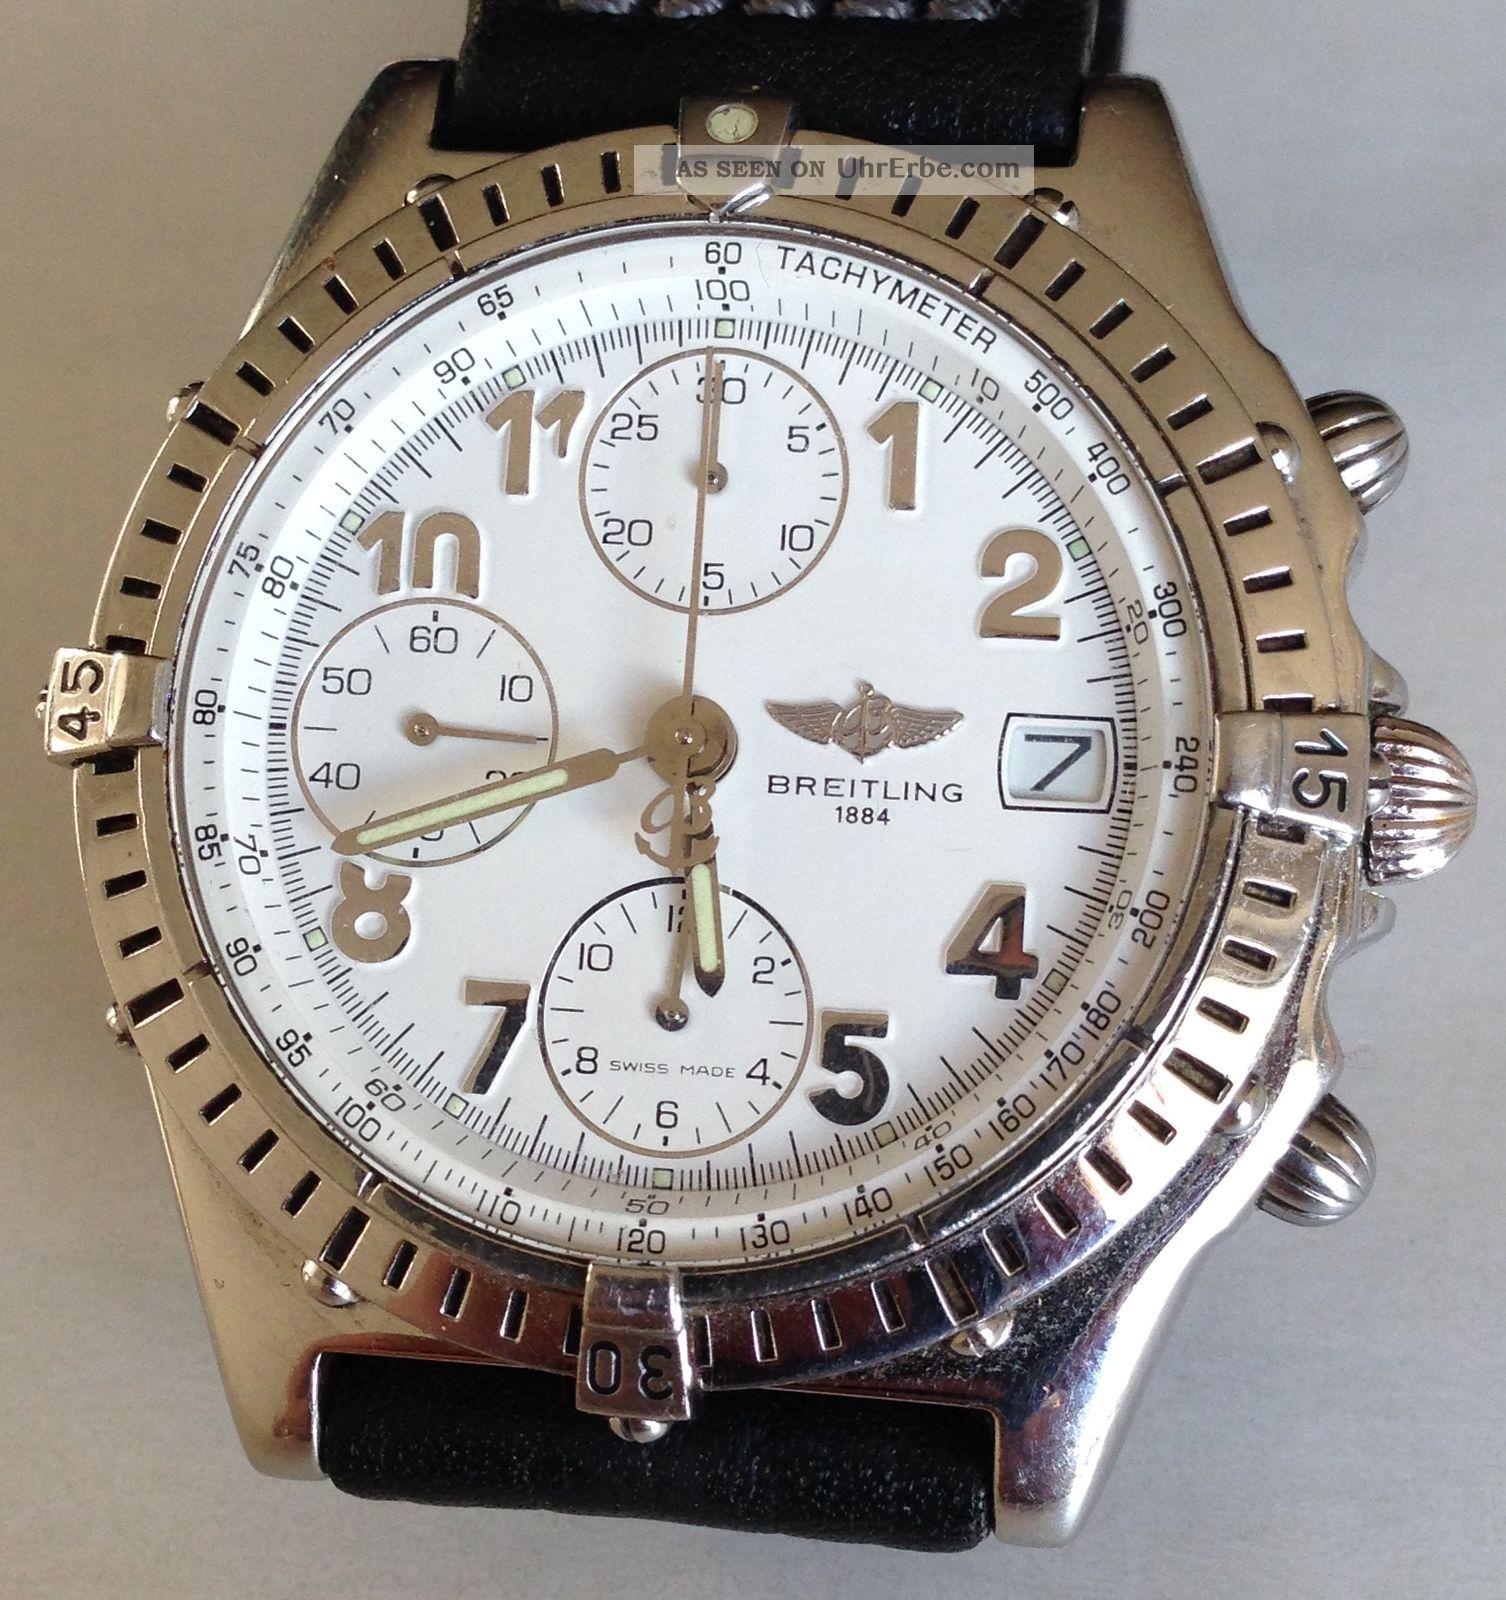 Breitling Chronomat Cockpit A13048 Chronograph Automatik Armbanduhr Armbanduhren Bild